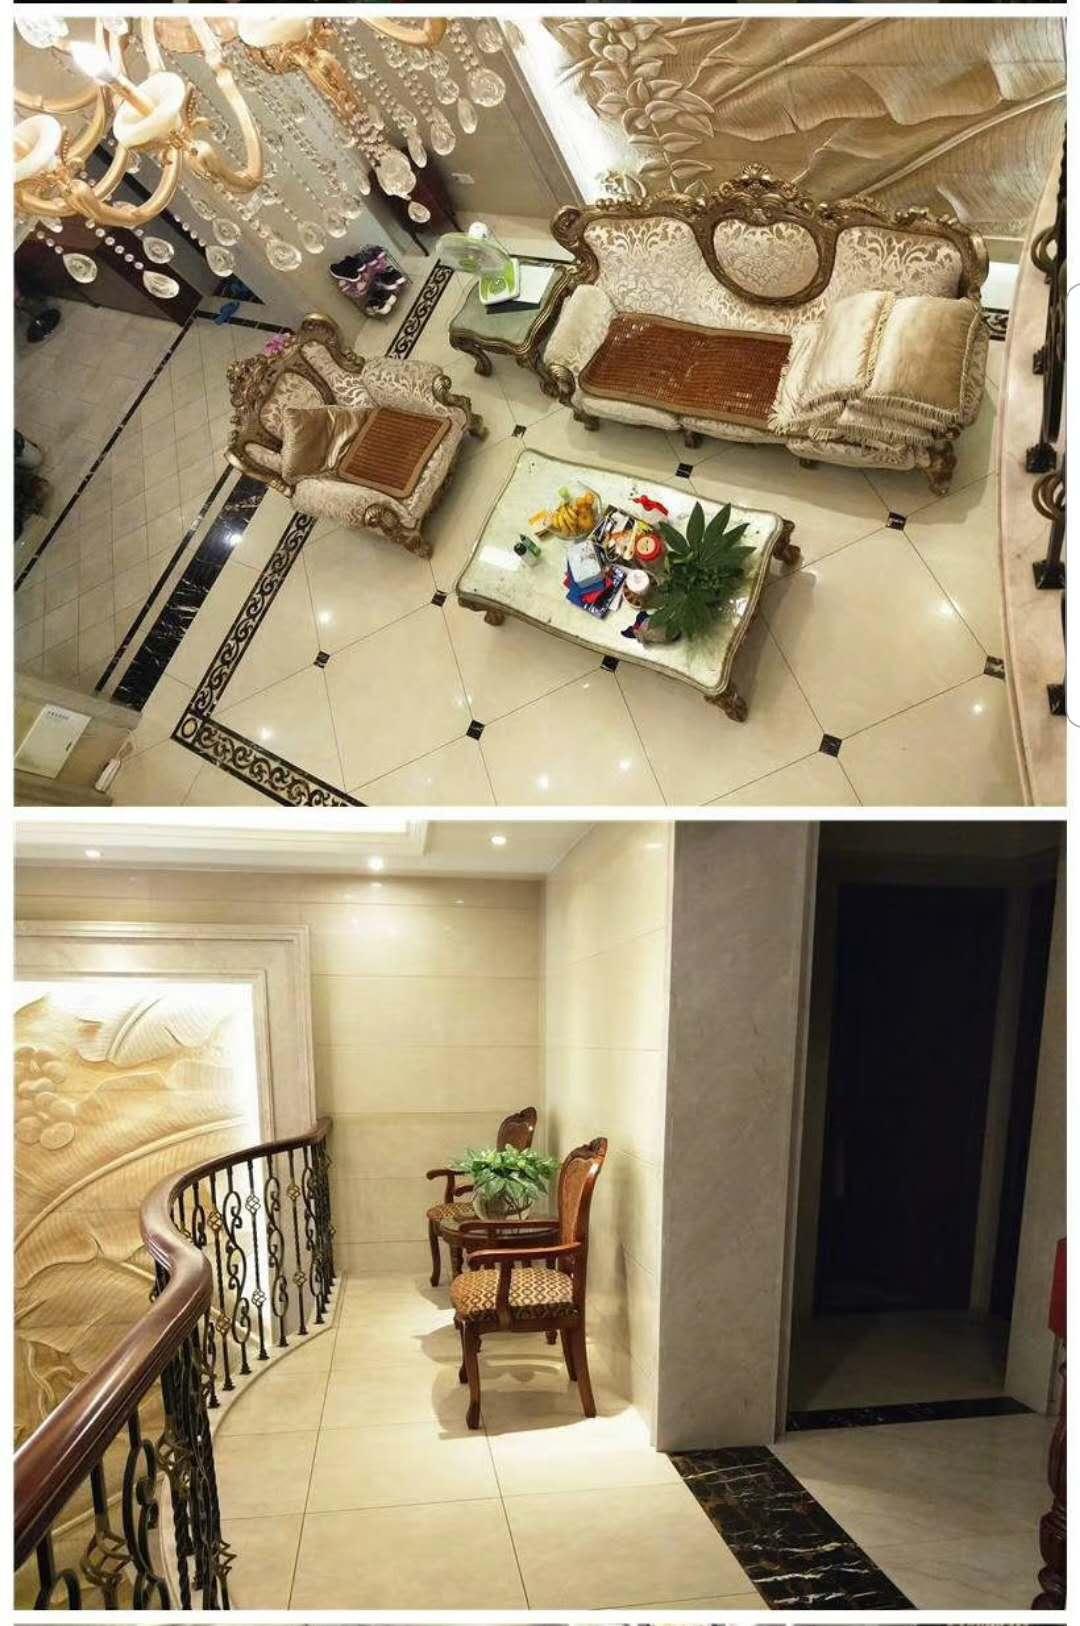 确权280平米空中别墅,300万豪华装修,200平米花园露台